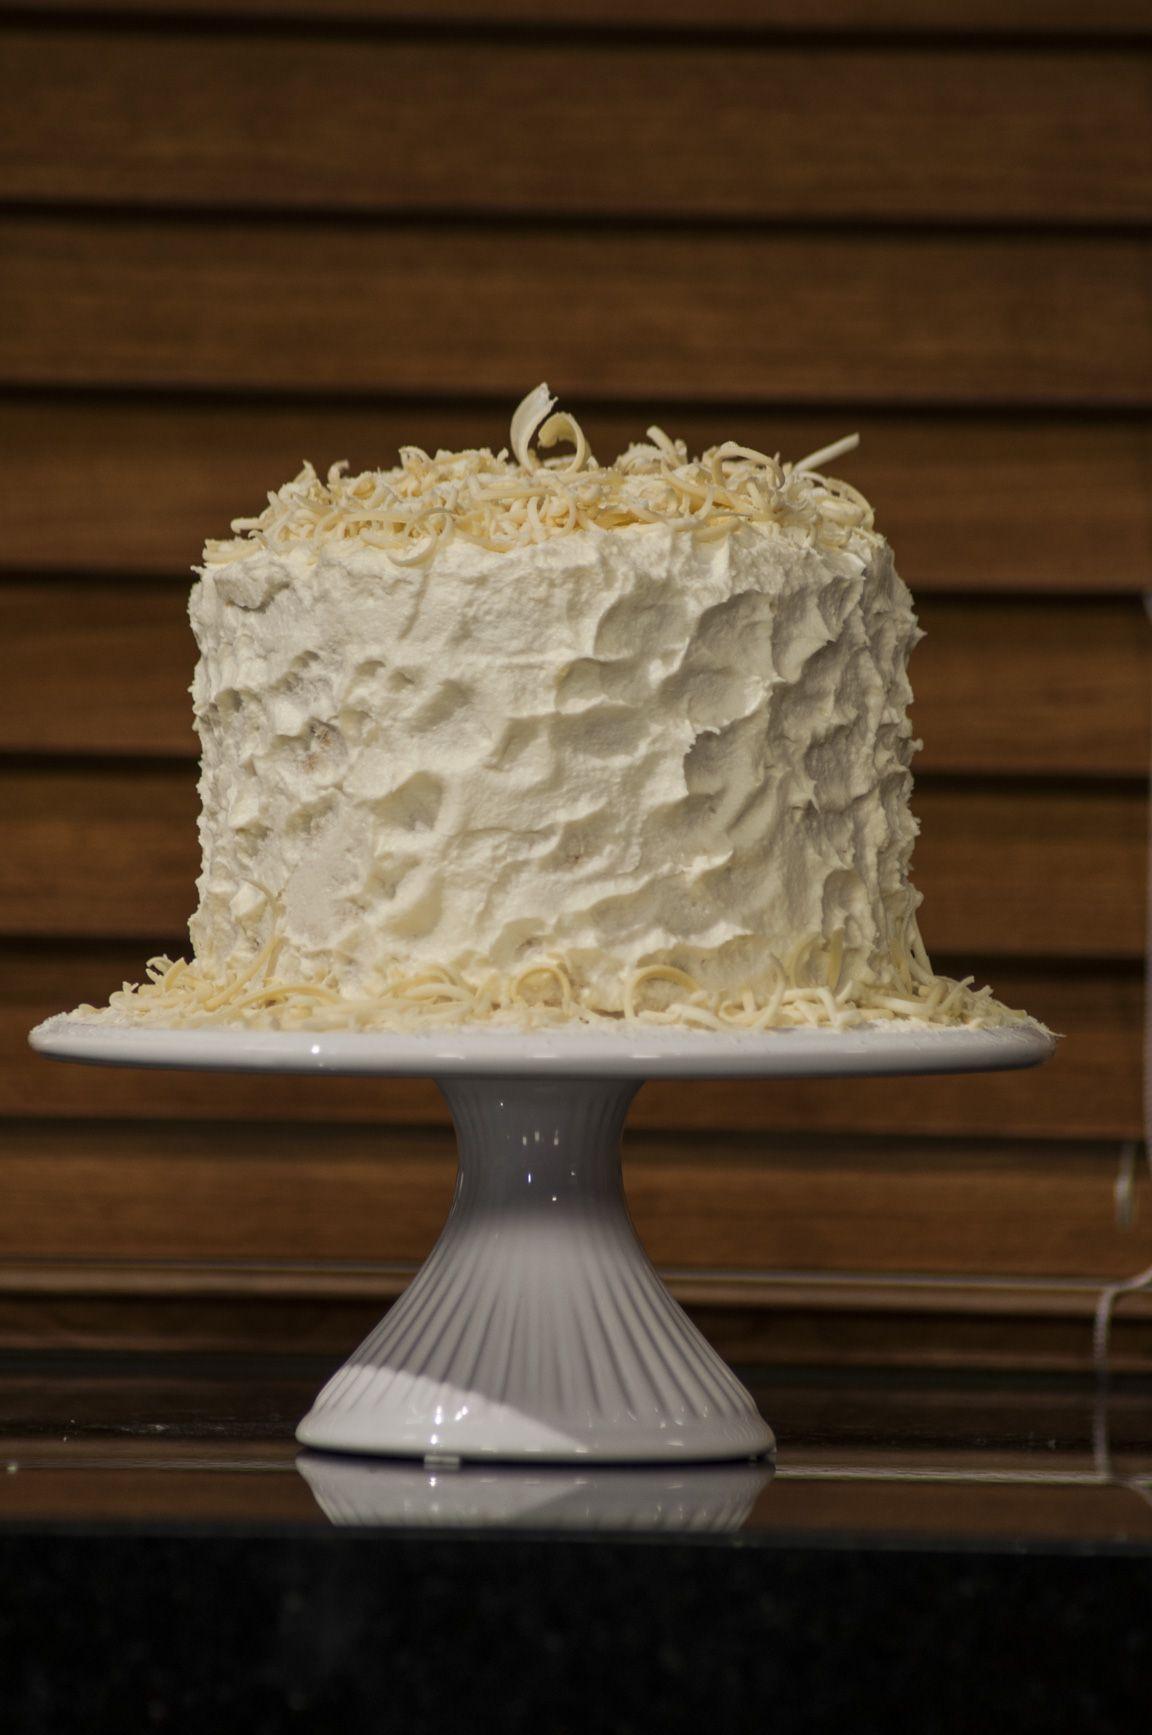 O mercado de bolos segue diferentes tendências. No entanto, sempre têm aquelas receitas que mais conquistam o coração dos apaixonados por doces, como bolo prestígio, bolo de rolo e bolo musse. Confira a receita dessas e muitas outras delícias na eduK!